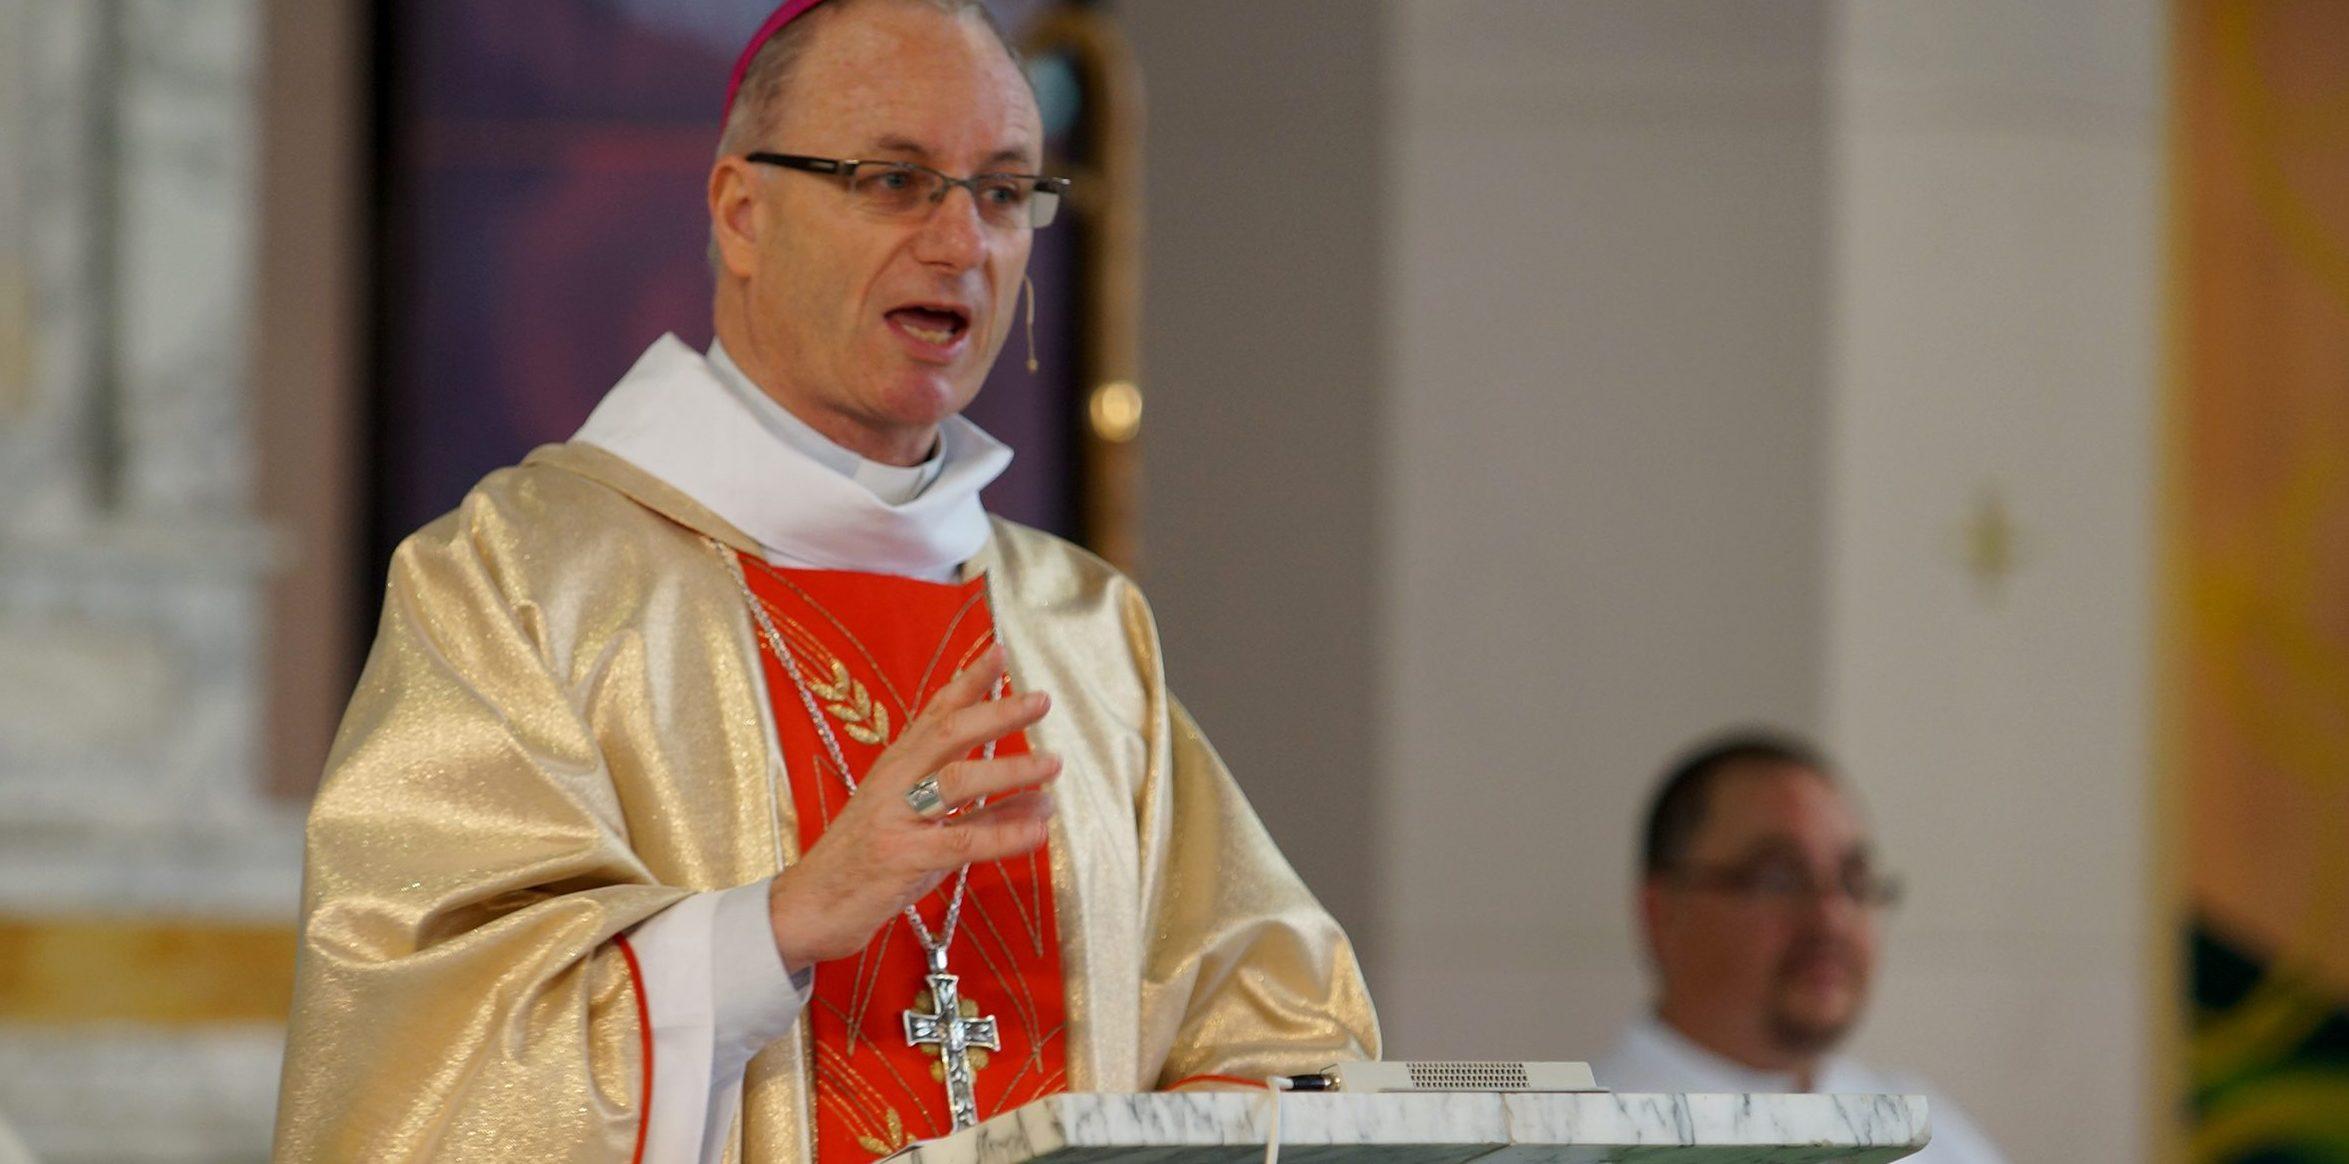 Image result for charles drennan bishop